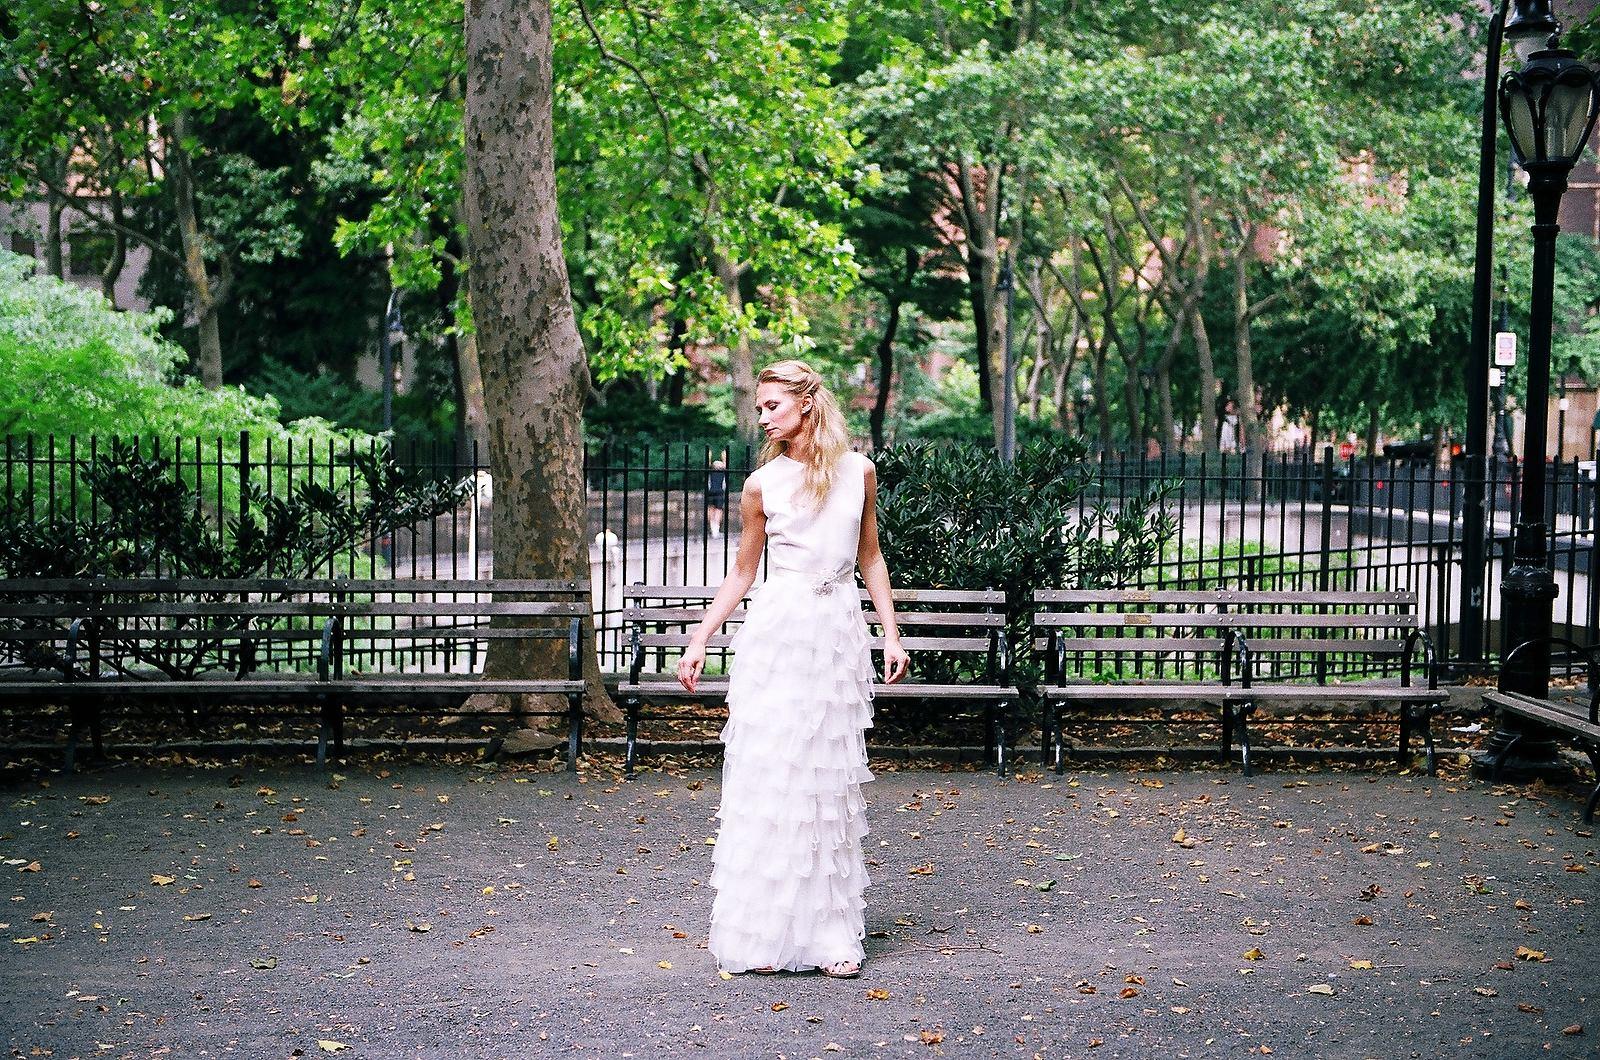 bridal fashion portrait in garden